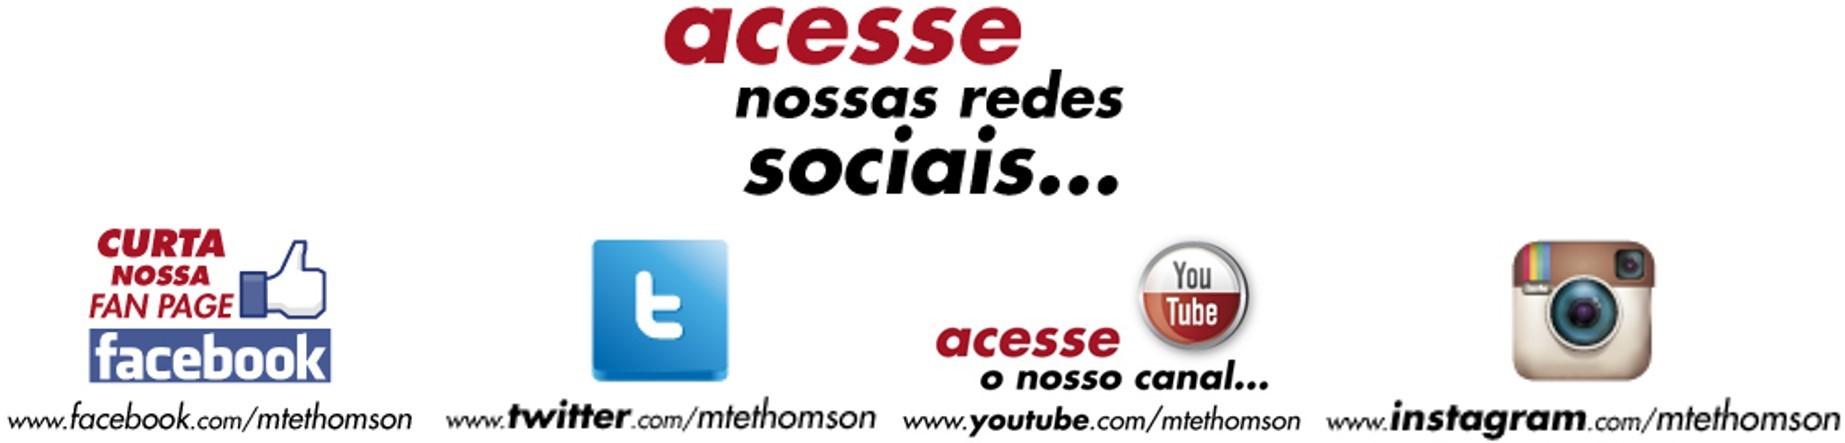 Acesse Nossas Redes Sociais _DVD